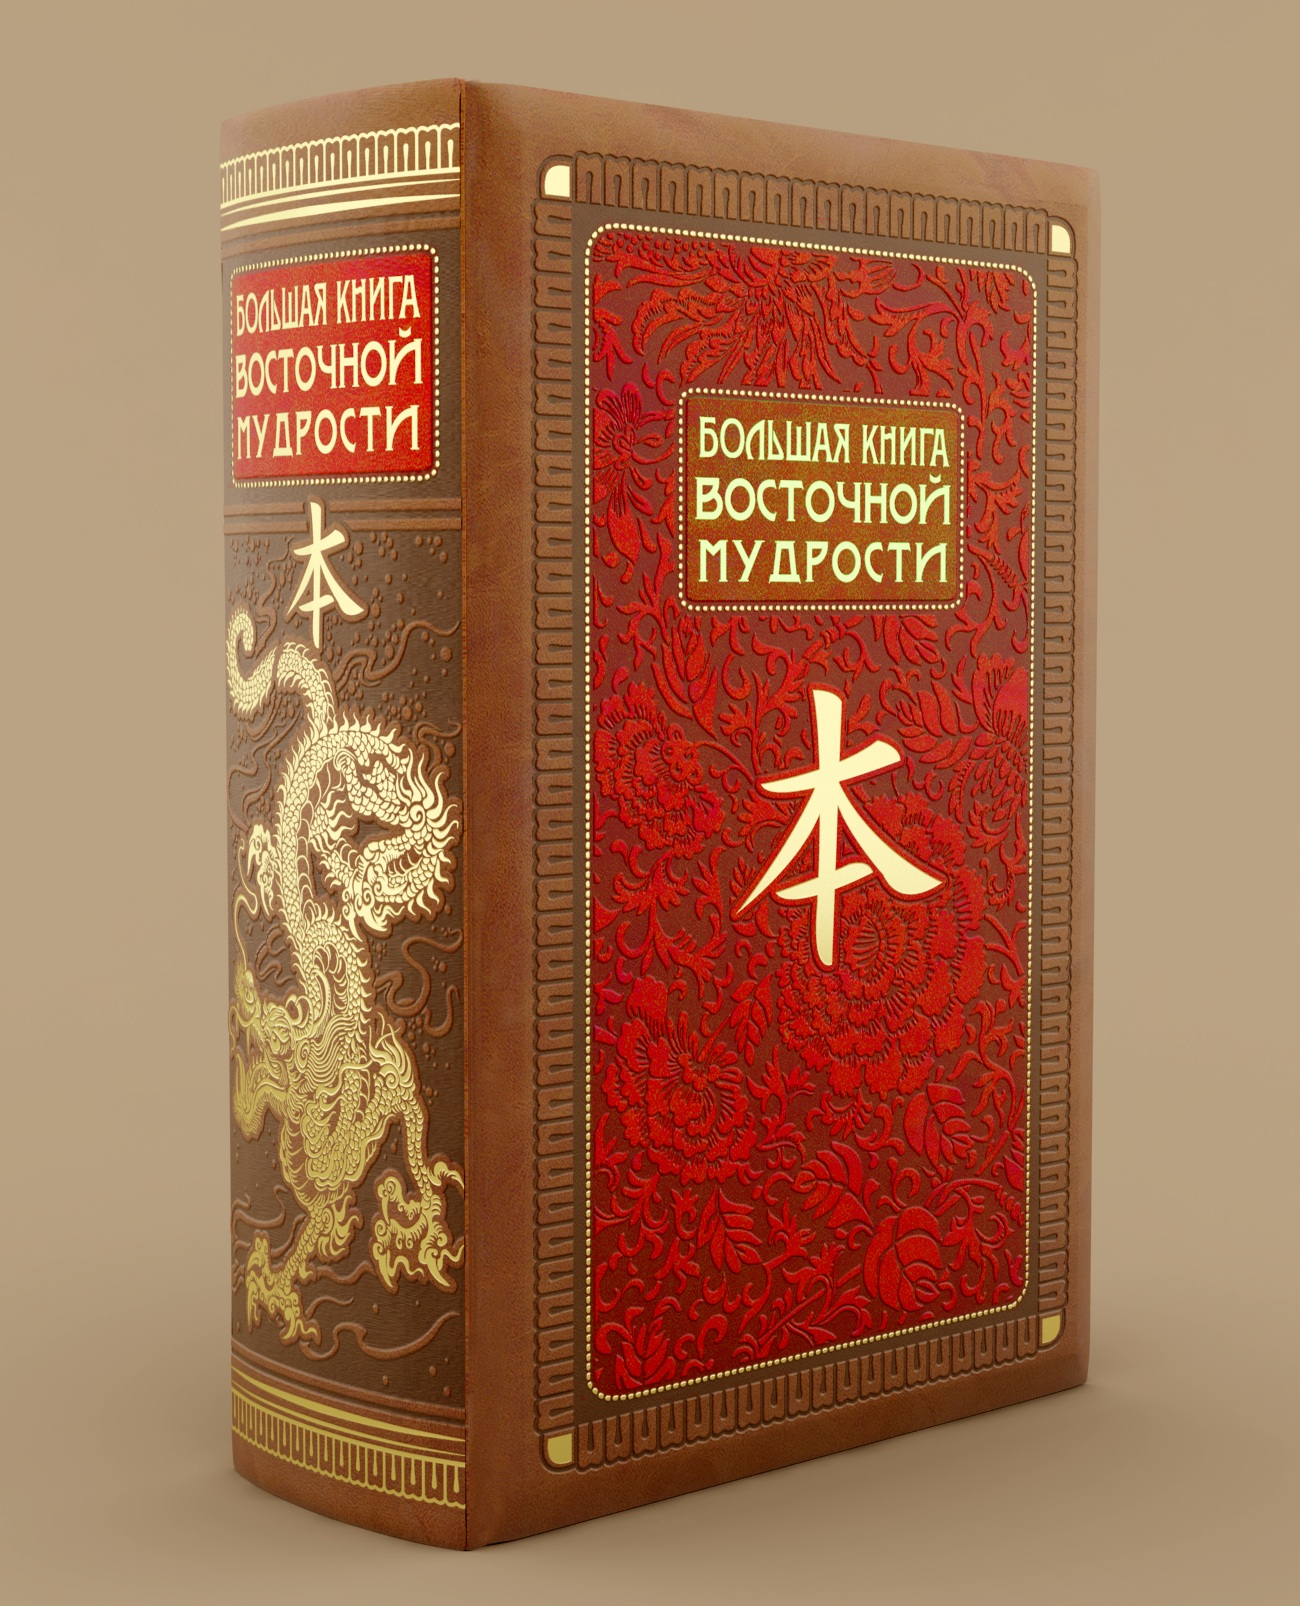 Нелюбов Е.А. Большая книга Восточной мудрости большая книга восточной мудрости красная